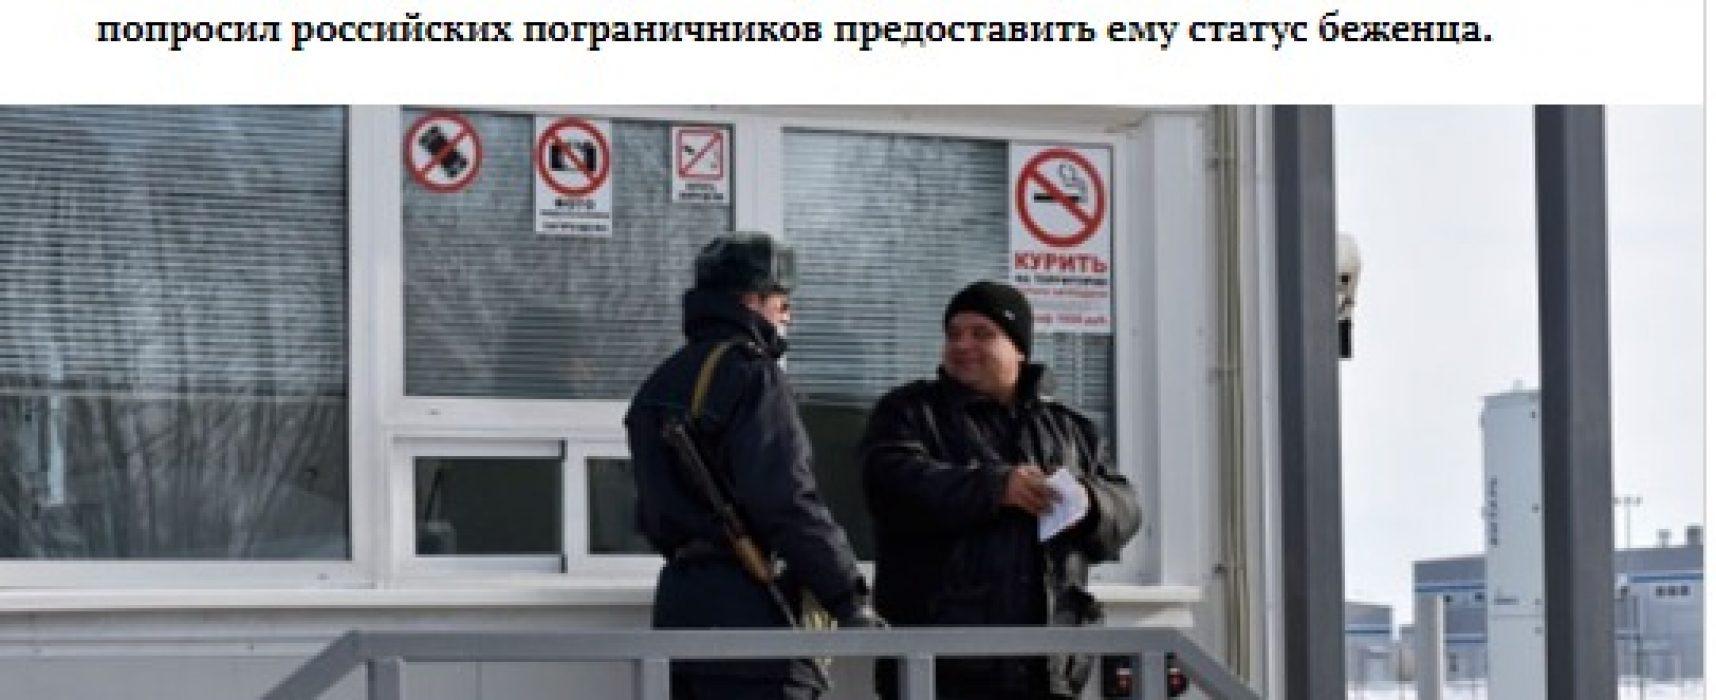 Фейк: Украински военен поискал убежище в РФ